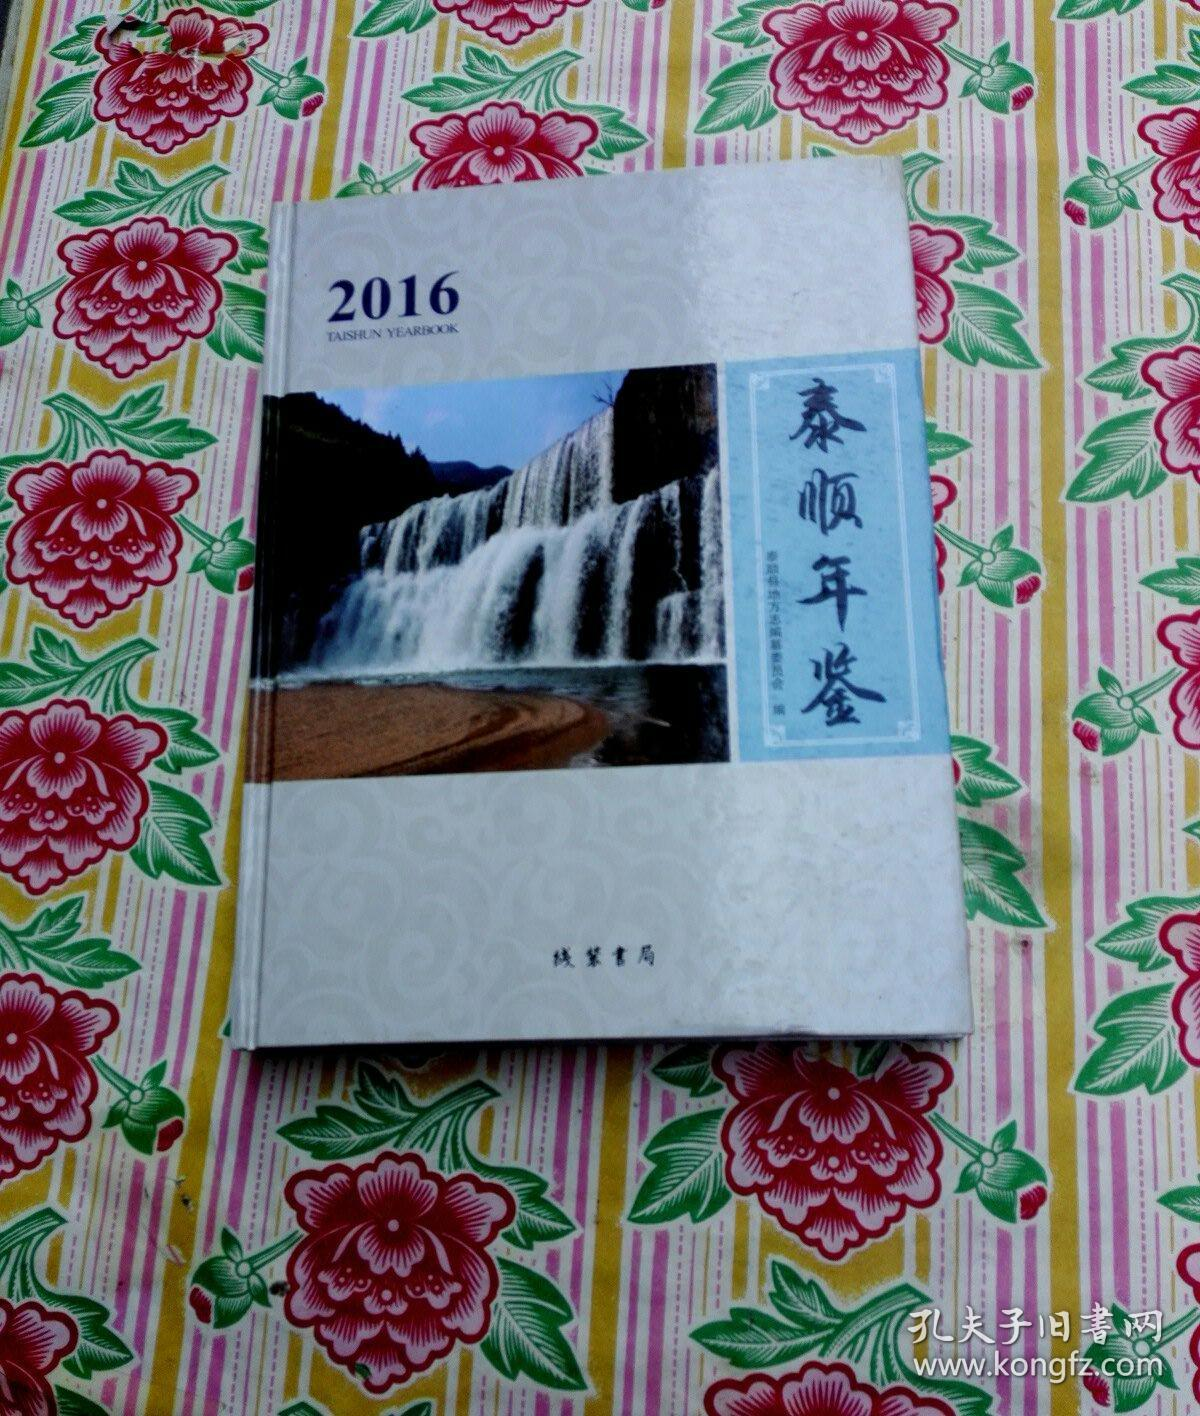 泰顺年鉴2016【品如图避免争论】